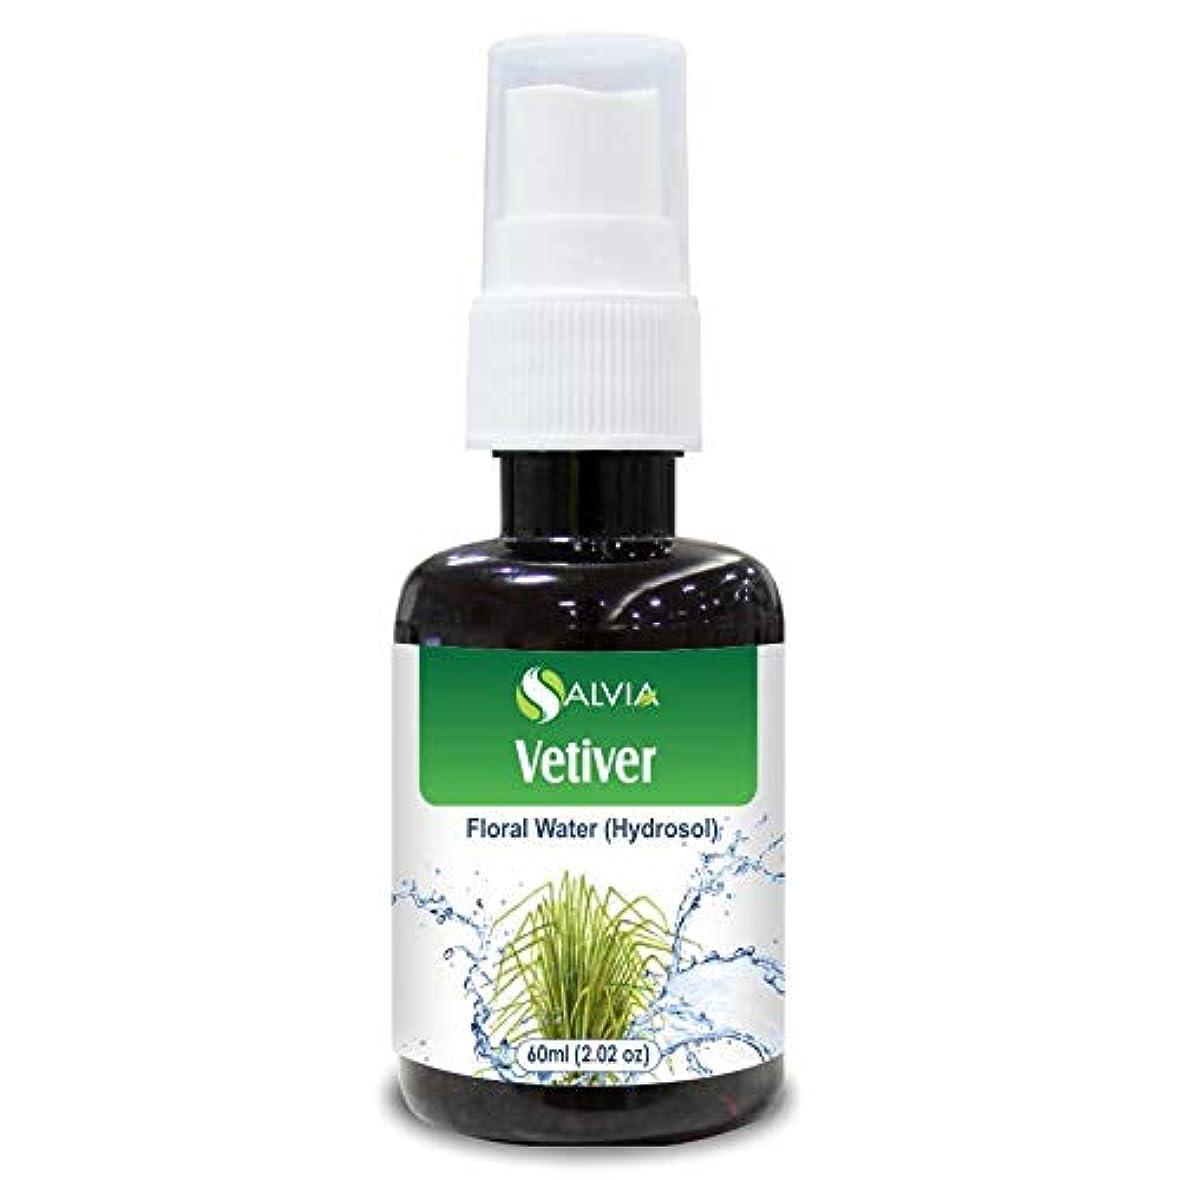 療法田舎段階Vetiver Oil Floral Water 60ml (Hydrosol) 100% Pure And Natural